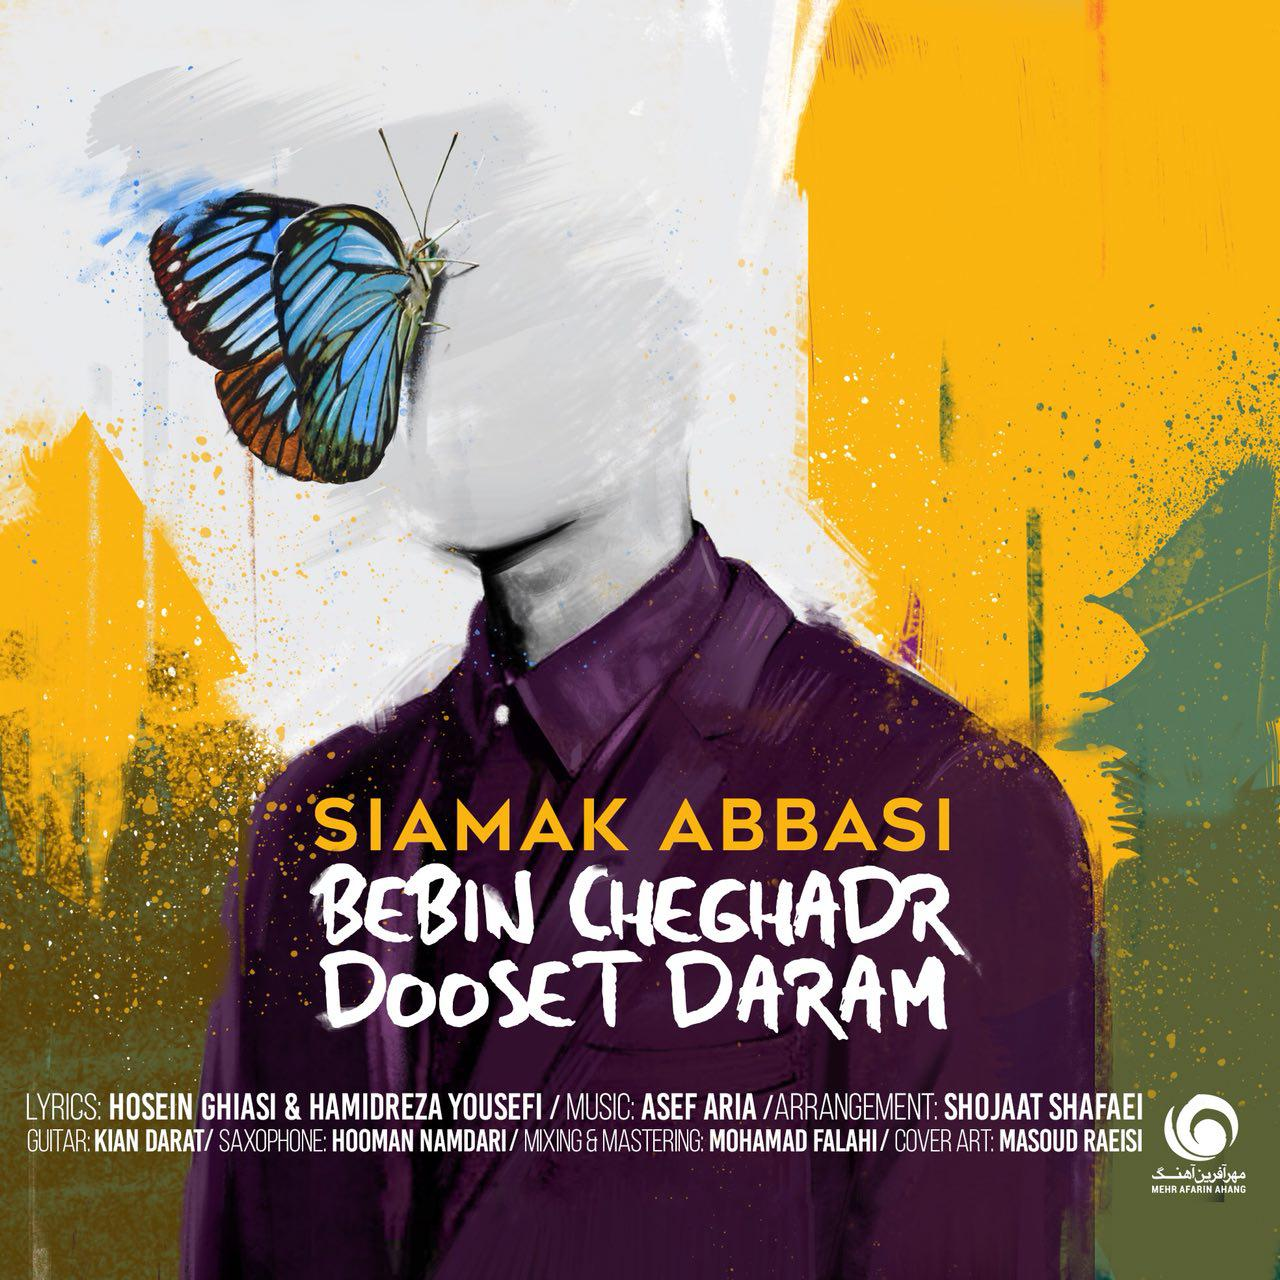 دانلود آهنگ ببین چقدر دوست دارم از سیامک عباسی